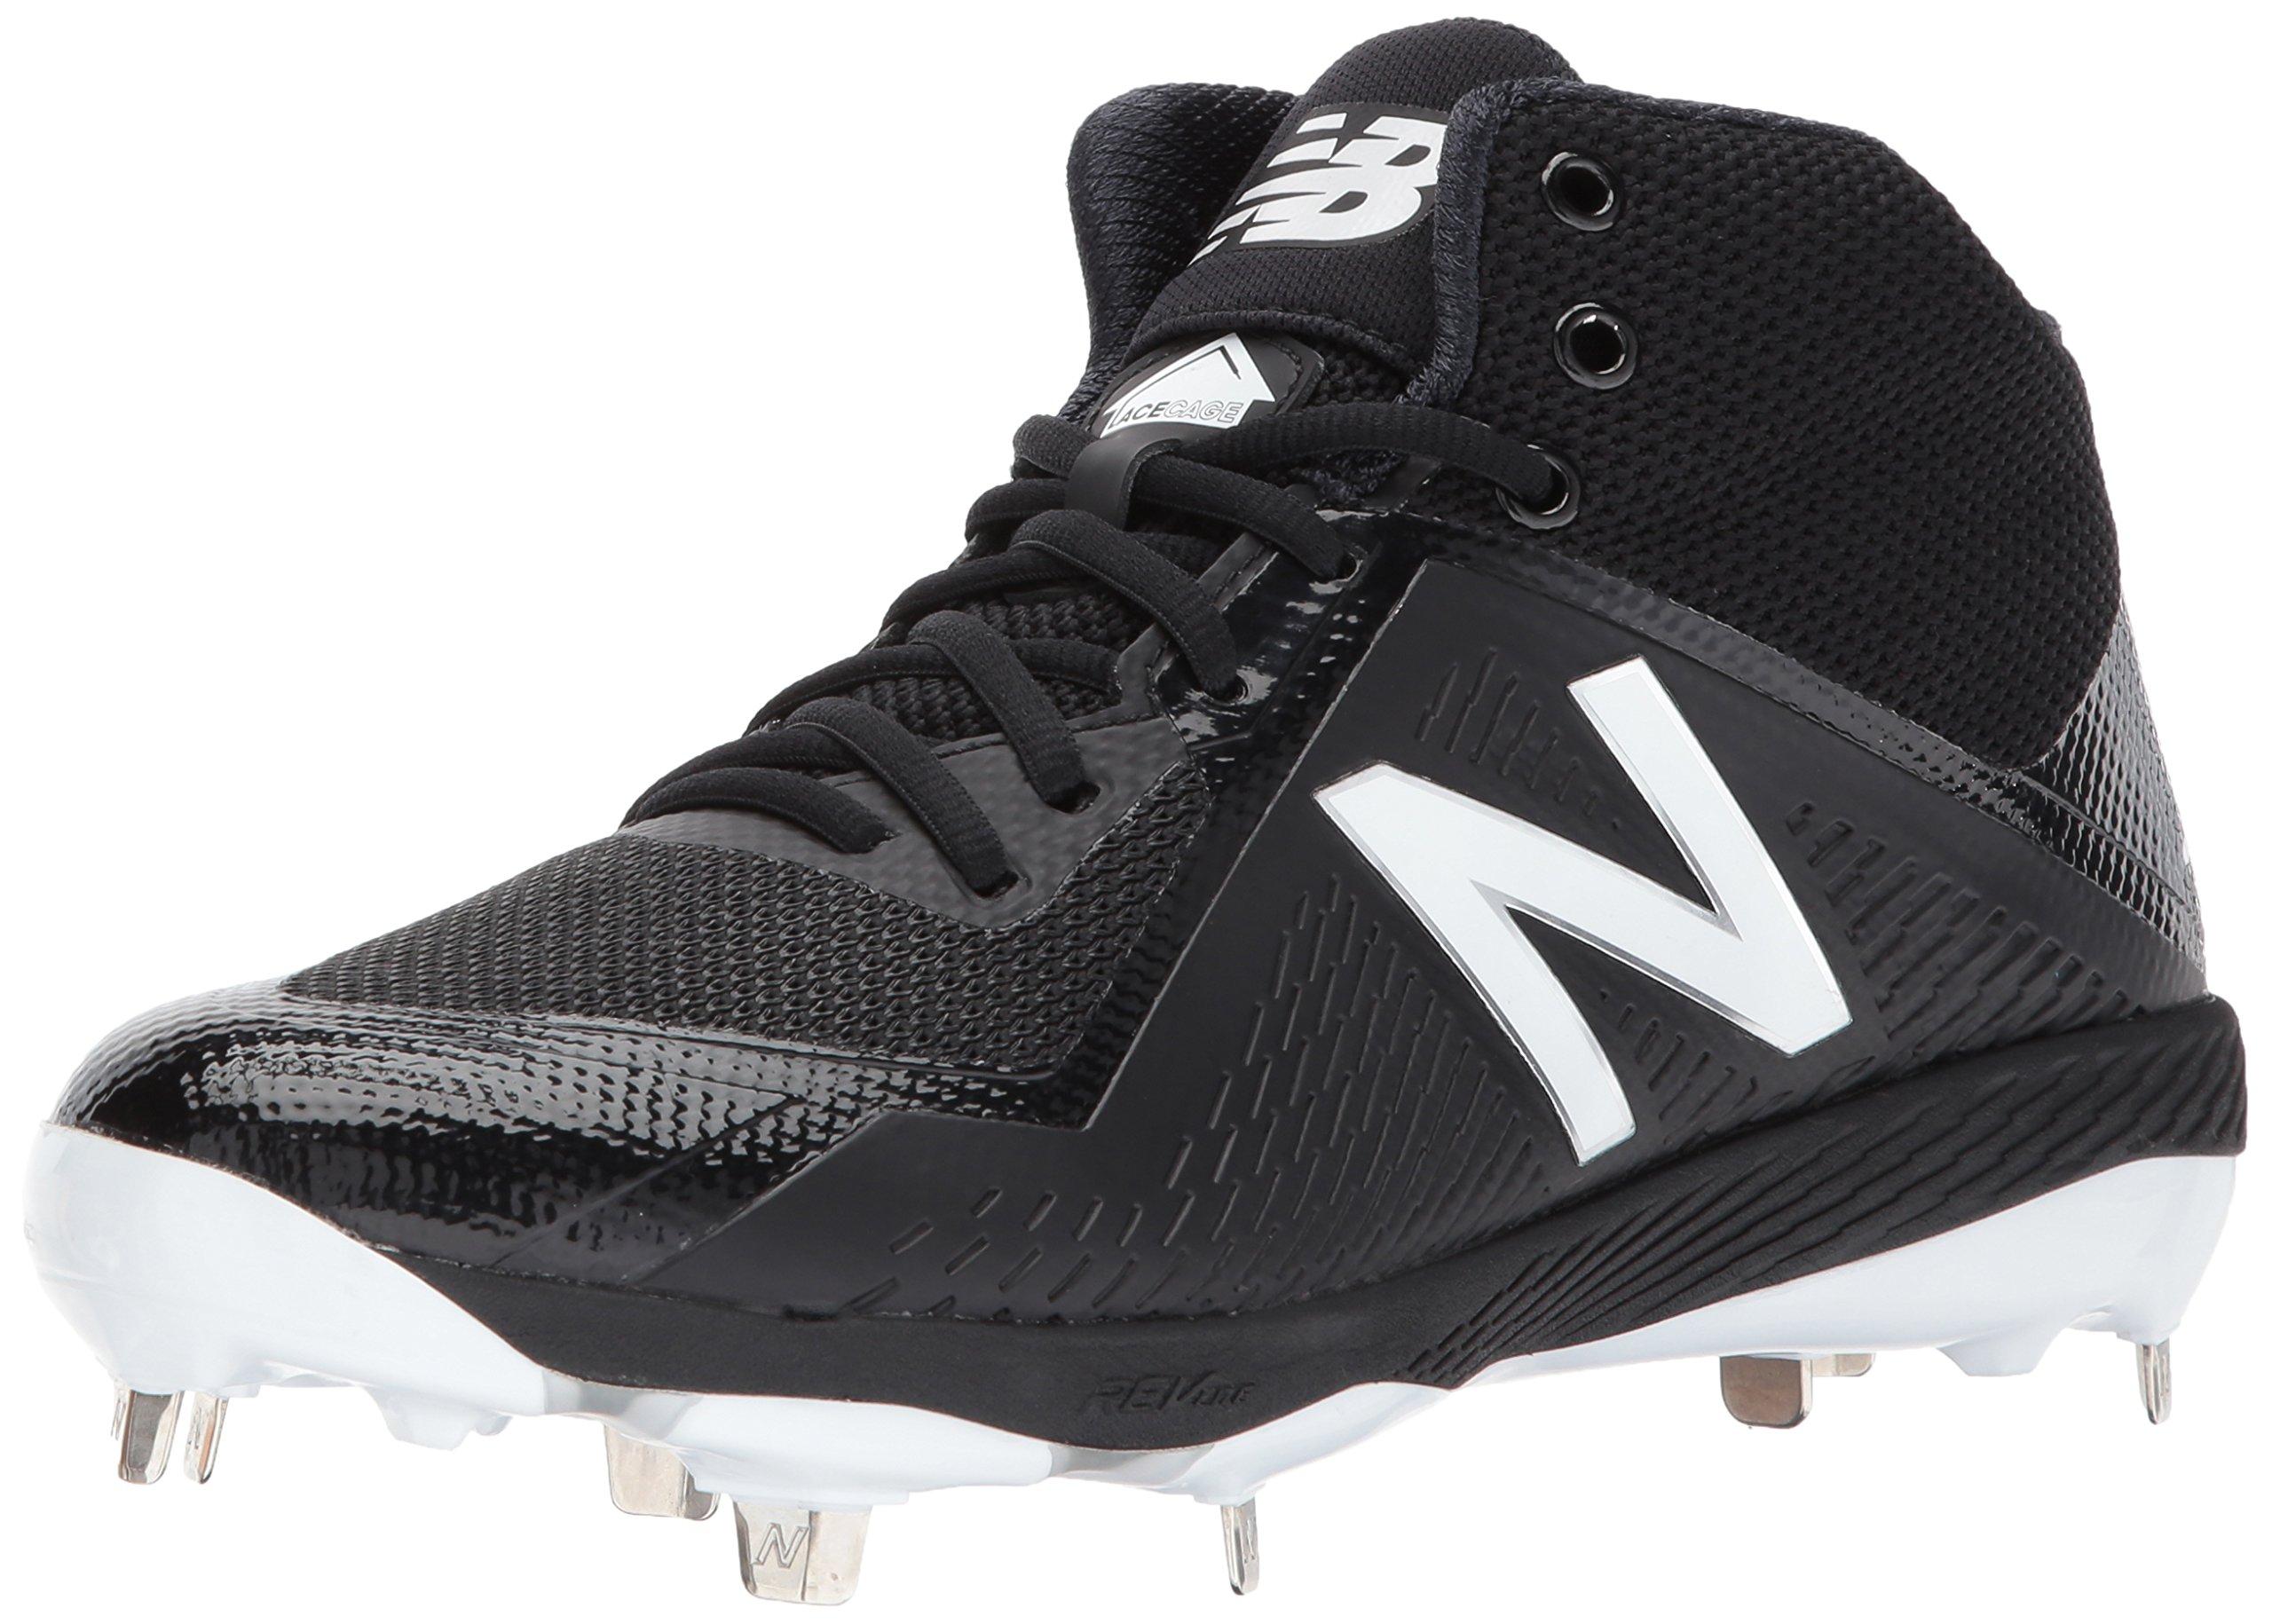 New Balance Men's M4040v4 Metal Baseball Shoe, Black, 5 D US